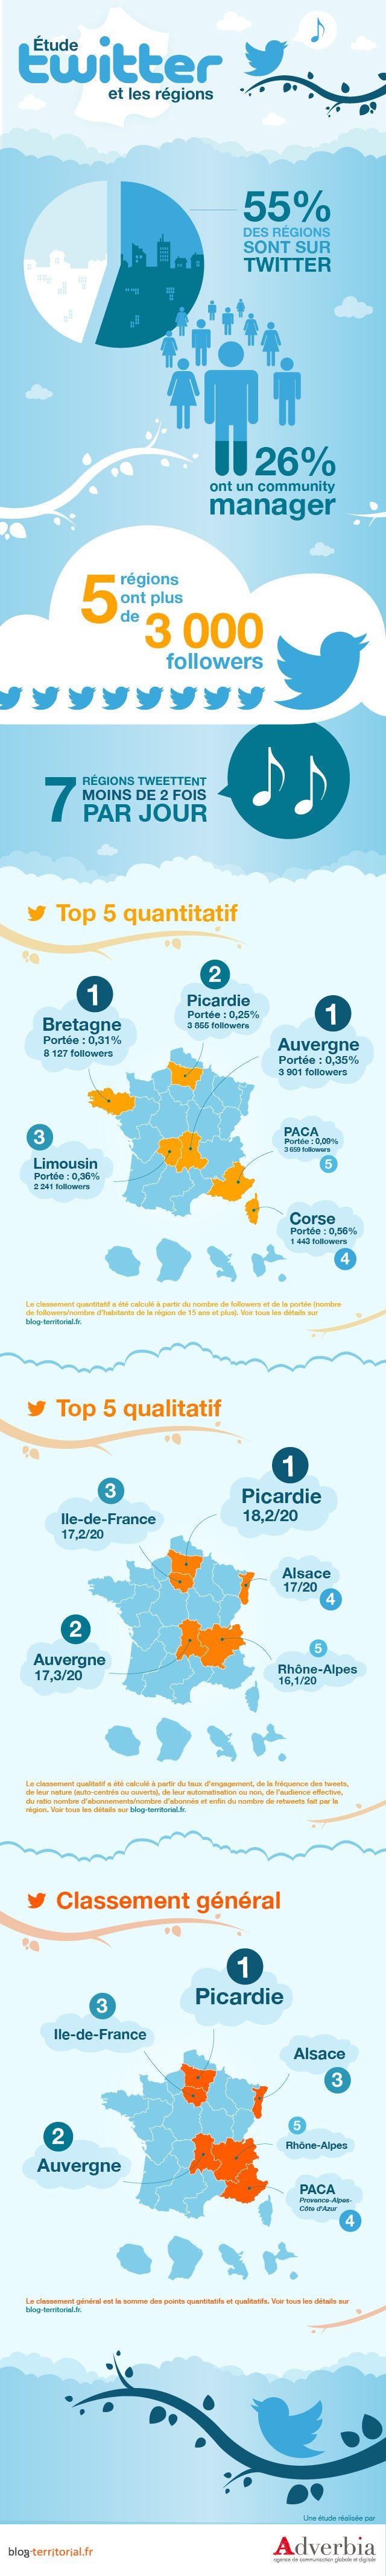 Twitter et les régions en une infographie !  #compublique #socialmedia